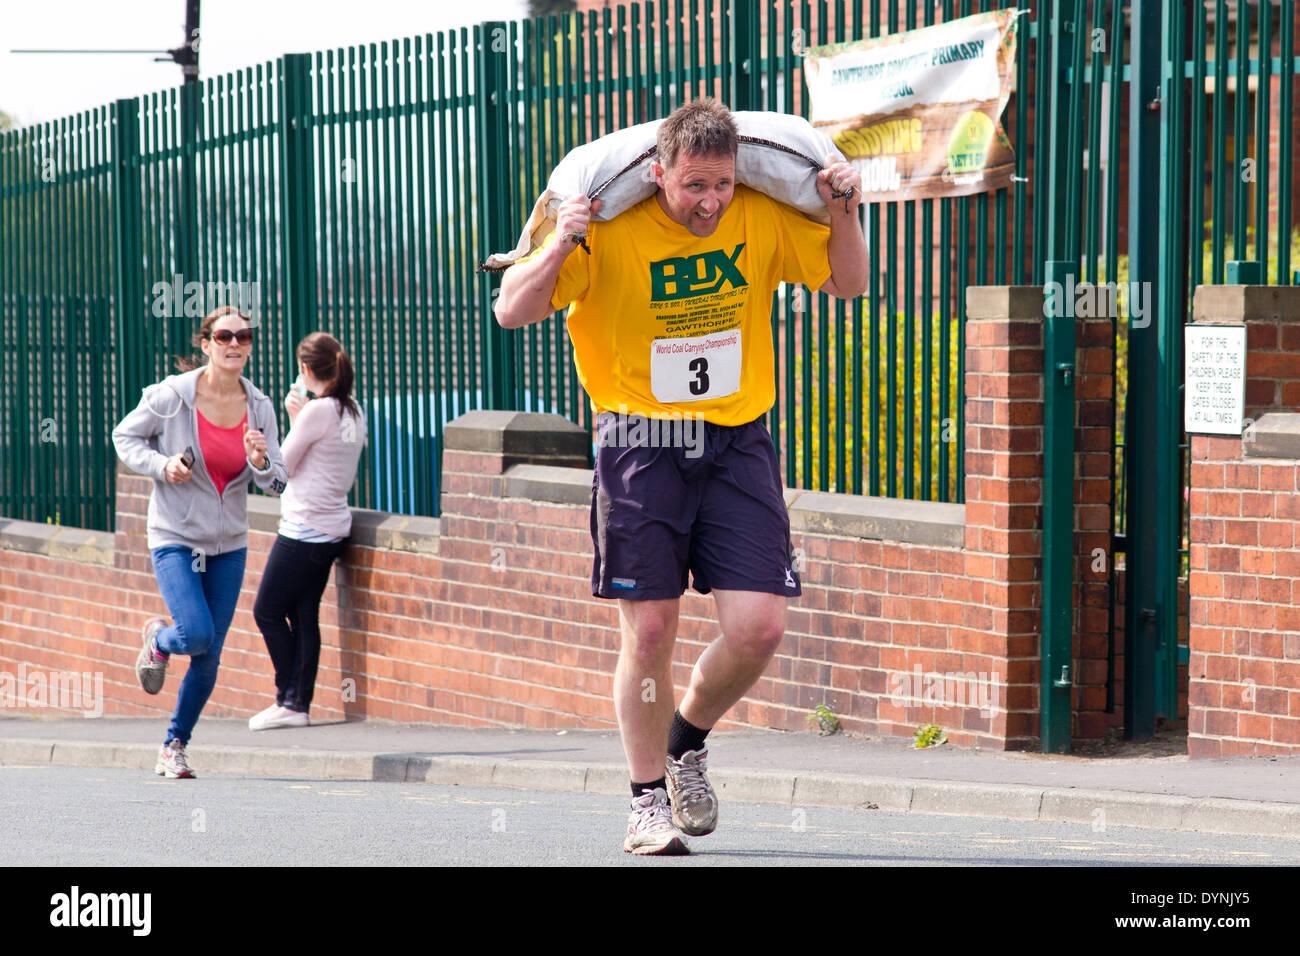 Llevar el campeonato mundial de carbón, Gawthorpe, West Yorkshire, el Lunes de Pascua de 2014. La carrera concursante masculino Foto de stock